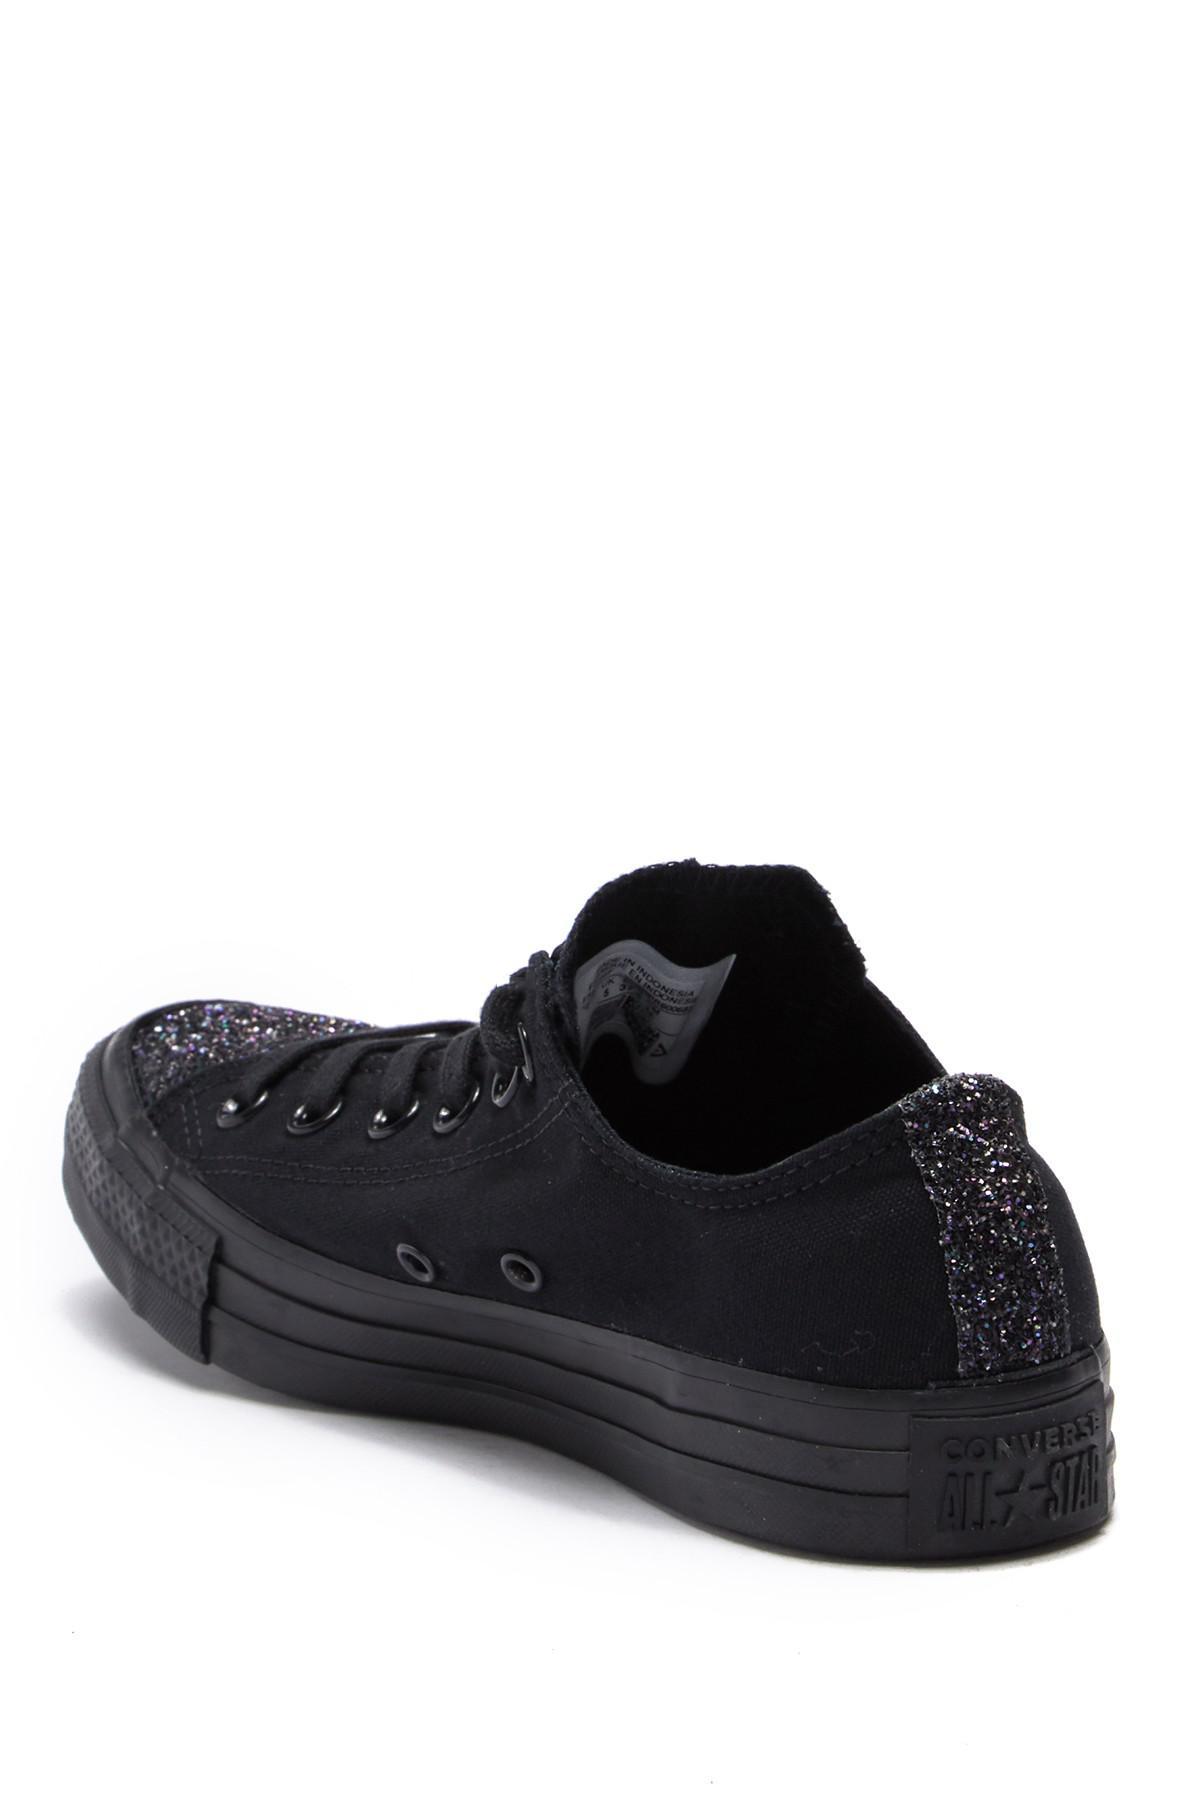 9c66b29a741f Converse - Black Chuck Taylor All Star Ox Glitter Toe Sneaker (women) -  Lyst. View fullscreen